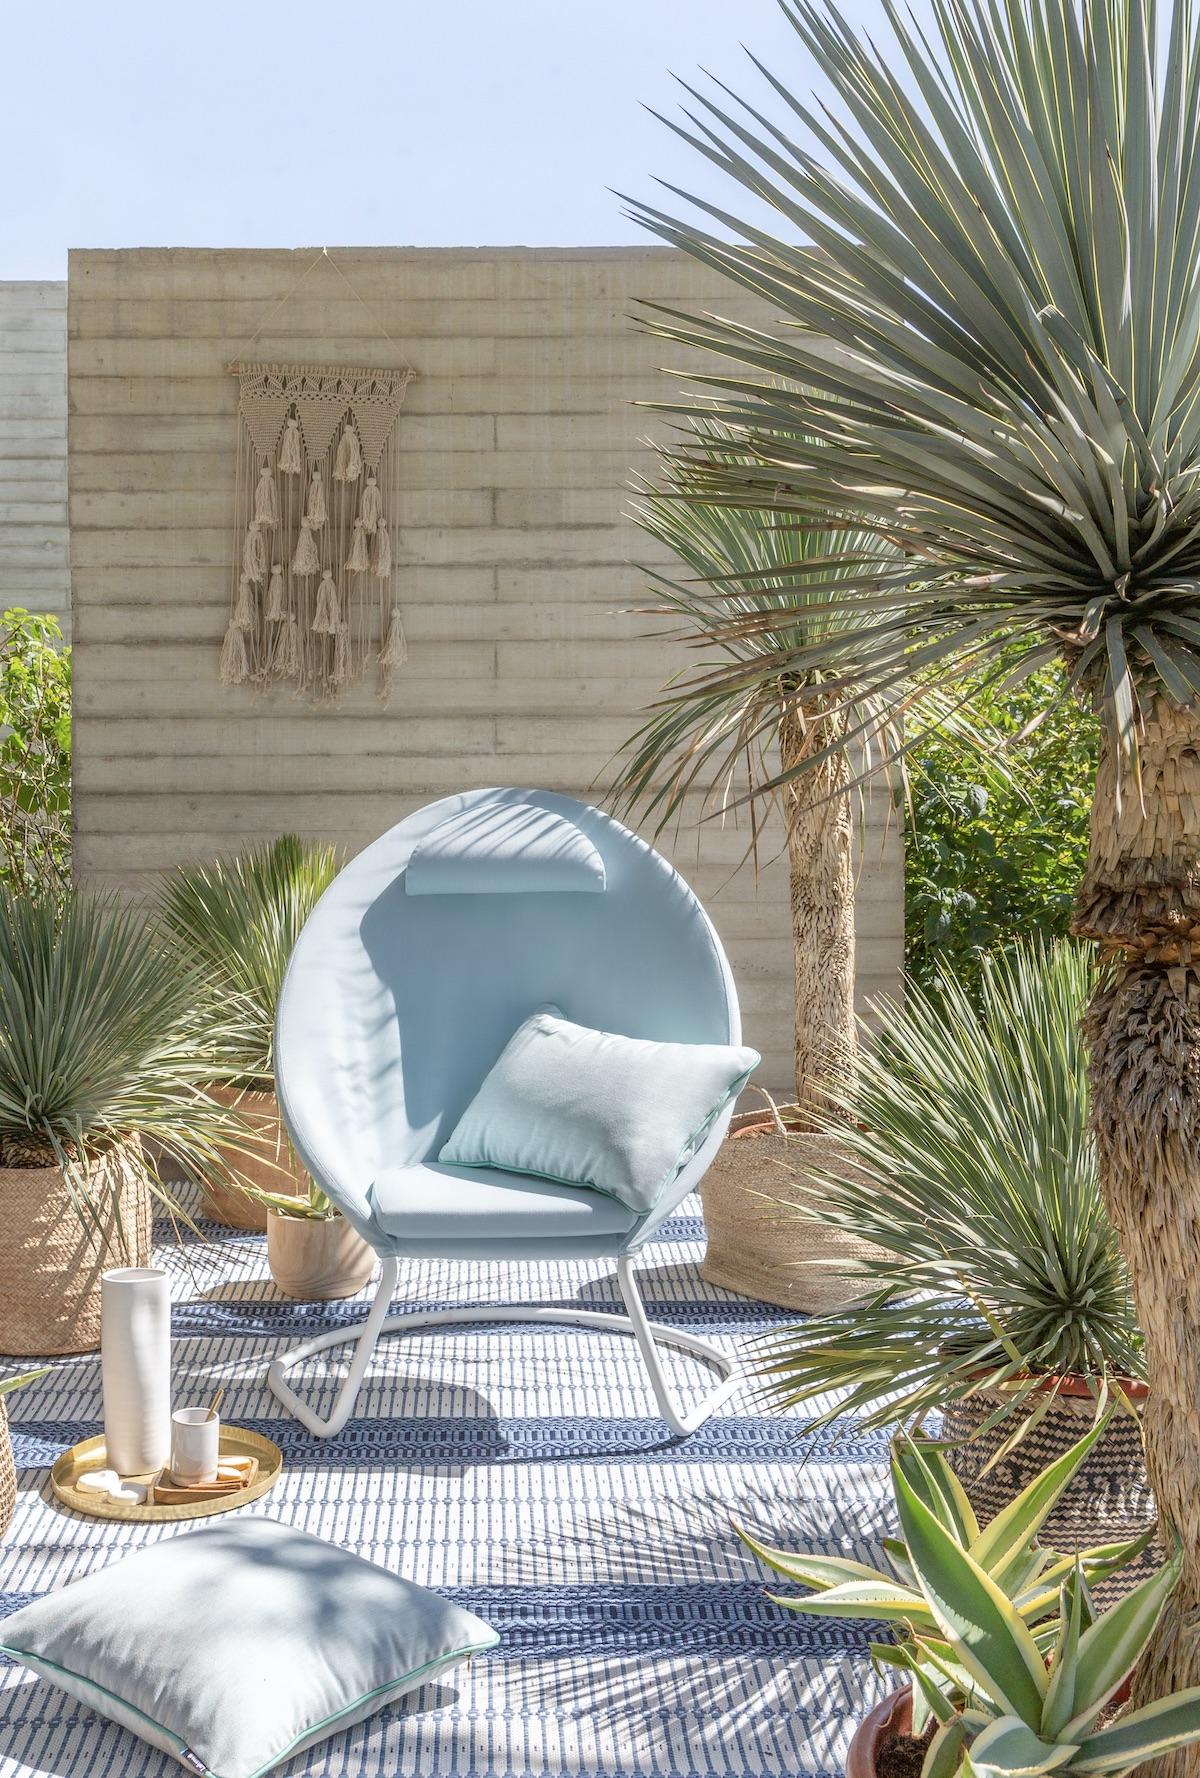 salon de jardin made in France fauteuil relaxation jardin bleu clair balançoire design français Lafuma